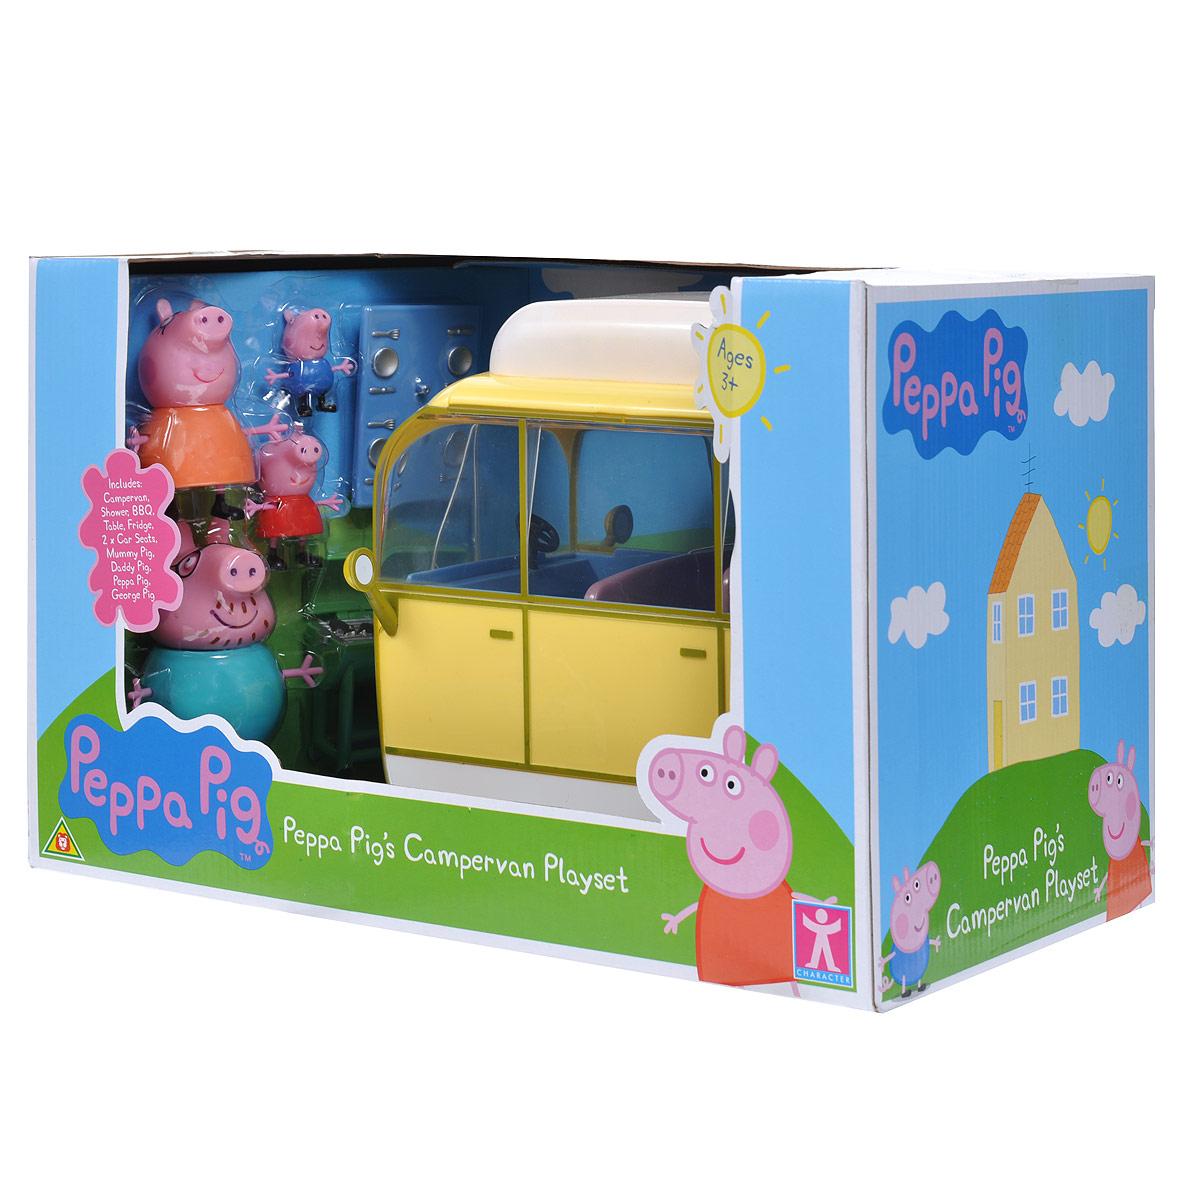 Игровой набор Peppa Pig Кемпинг Пеппы19070Мультфильм «Свинка Пеппа» настолько обожаем малышами, что они ждут каждую его серию с огромным нетерпением. А с игровым набором «Кемпинг Пеппы» они могут не только наблюдать за приключениями веселой свинки, но и участвовать в них! Счастливая семья приезжает за город на пикник, на крыше фургона выдвигает тент, чтобы защититься от палящих лучей солнца, вытаскивает сидения из машинки и уютно располагается на природе за столиком, пока папа Свин жарит шашлык на мангале. Набор содержит автомобиль-фургон с выдвижным тентом и съемными сидениями, мангал, столик для пикника, четыре фигурки (Пеппа, Джордж, мама, папа) и дополнительные аксессуары. Во время такой сюжетно-ролевой игры у ребенка отрабатываются навыки общения, вырабатываются семейные и общечеловеческие ценности, развиваются кругозор, словарный запас и воображение. И все это сопровождается бурным восторгом от увлекательной игры с любимыми персонажами, которые могут сидеть, стоять, двигать ручками и ножками! ...